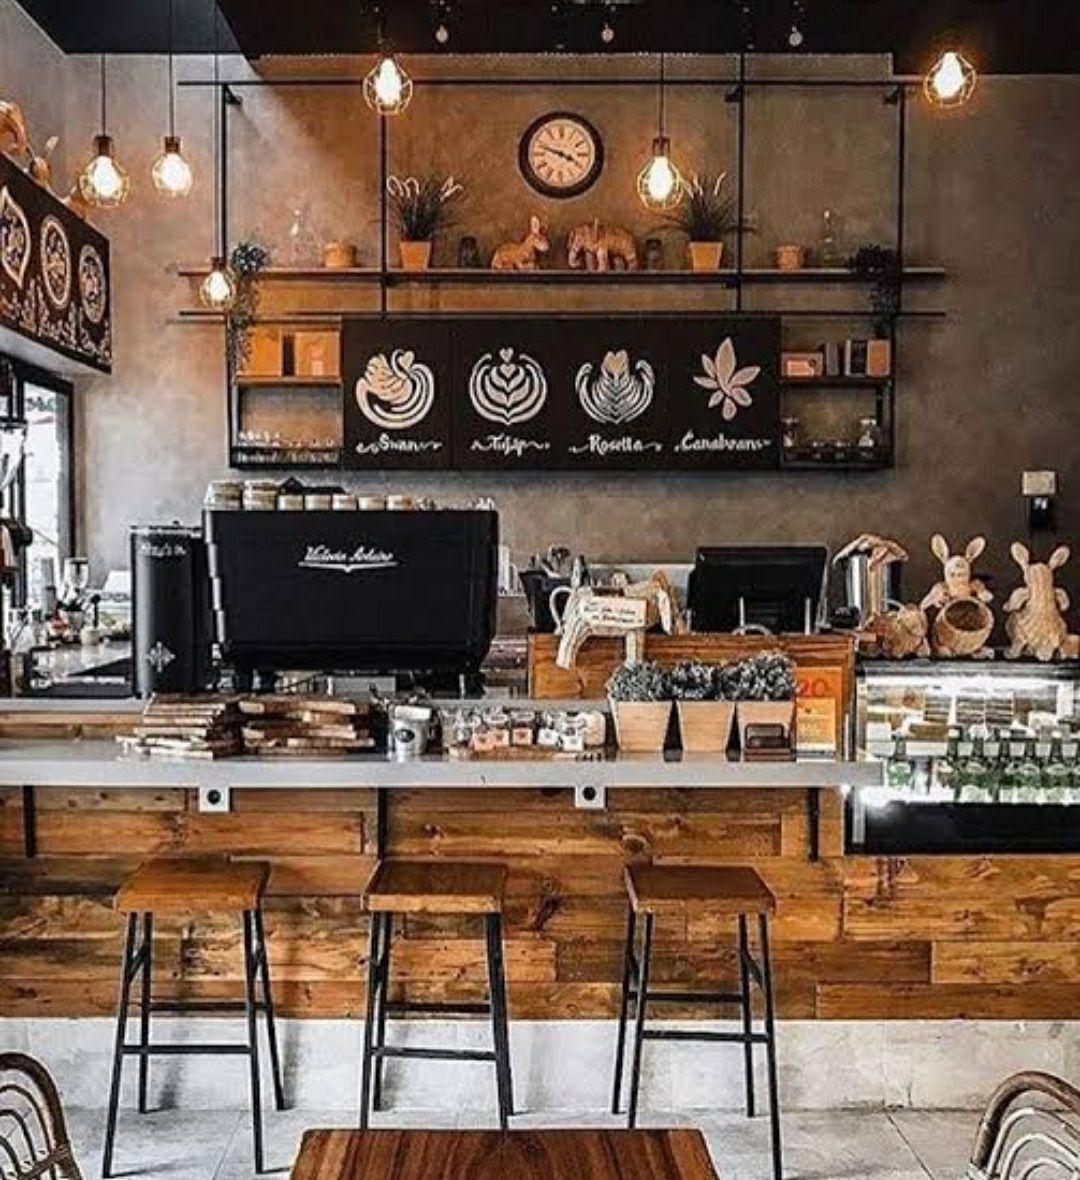 Kakak X Nct Dream In 2020 Coffee Shop Interior Design Industrial Coffee Shop Cafe Interior Design